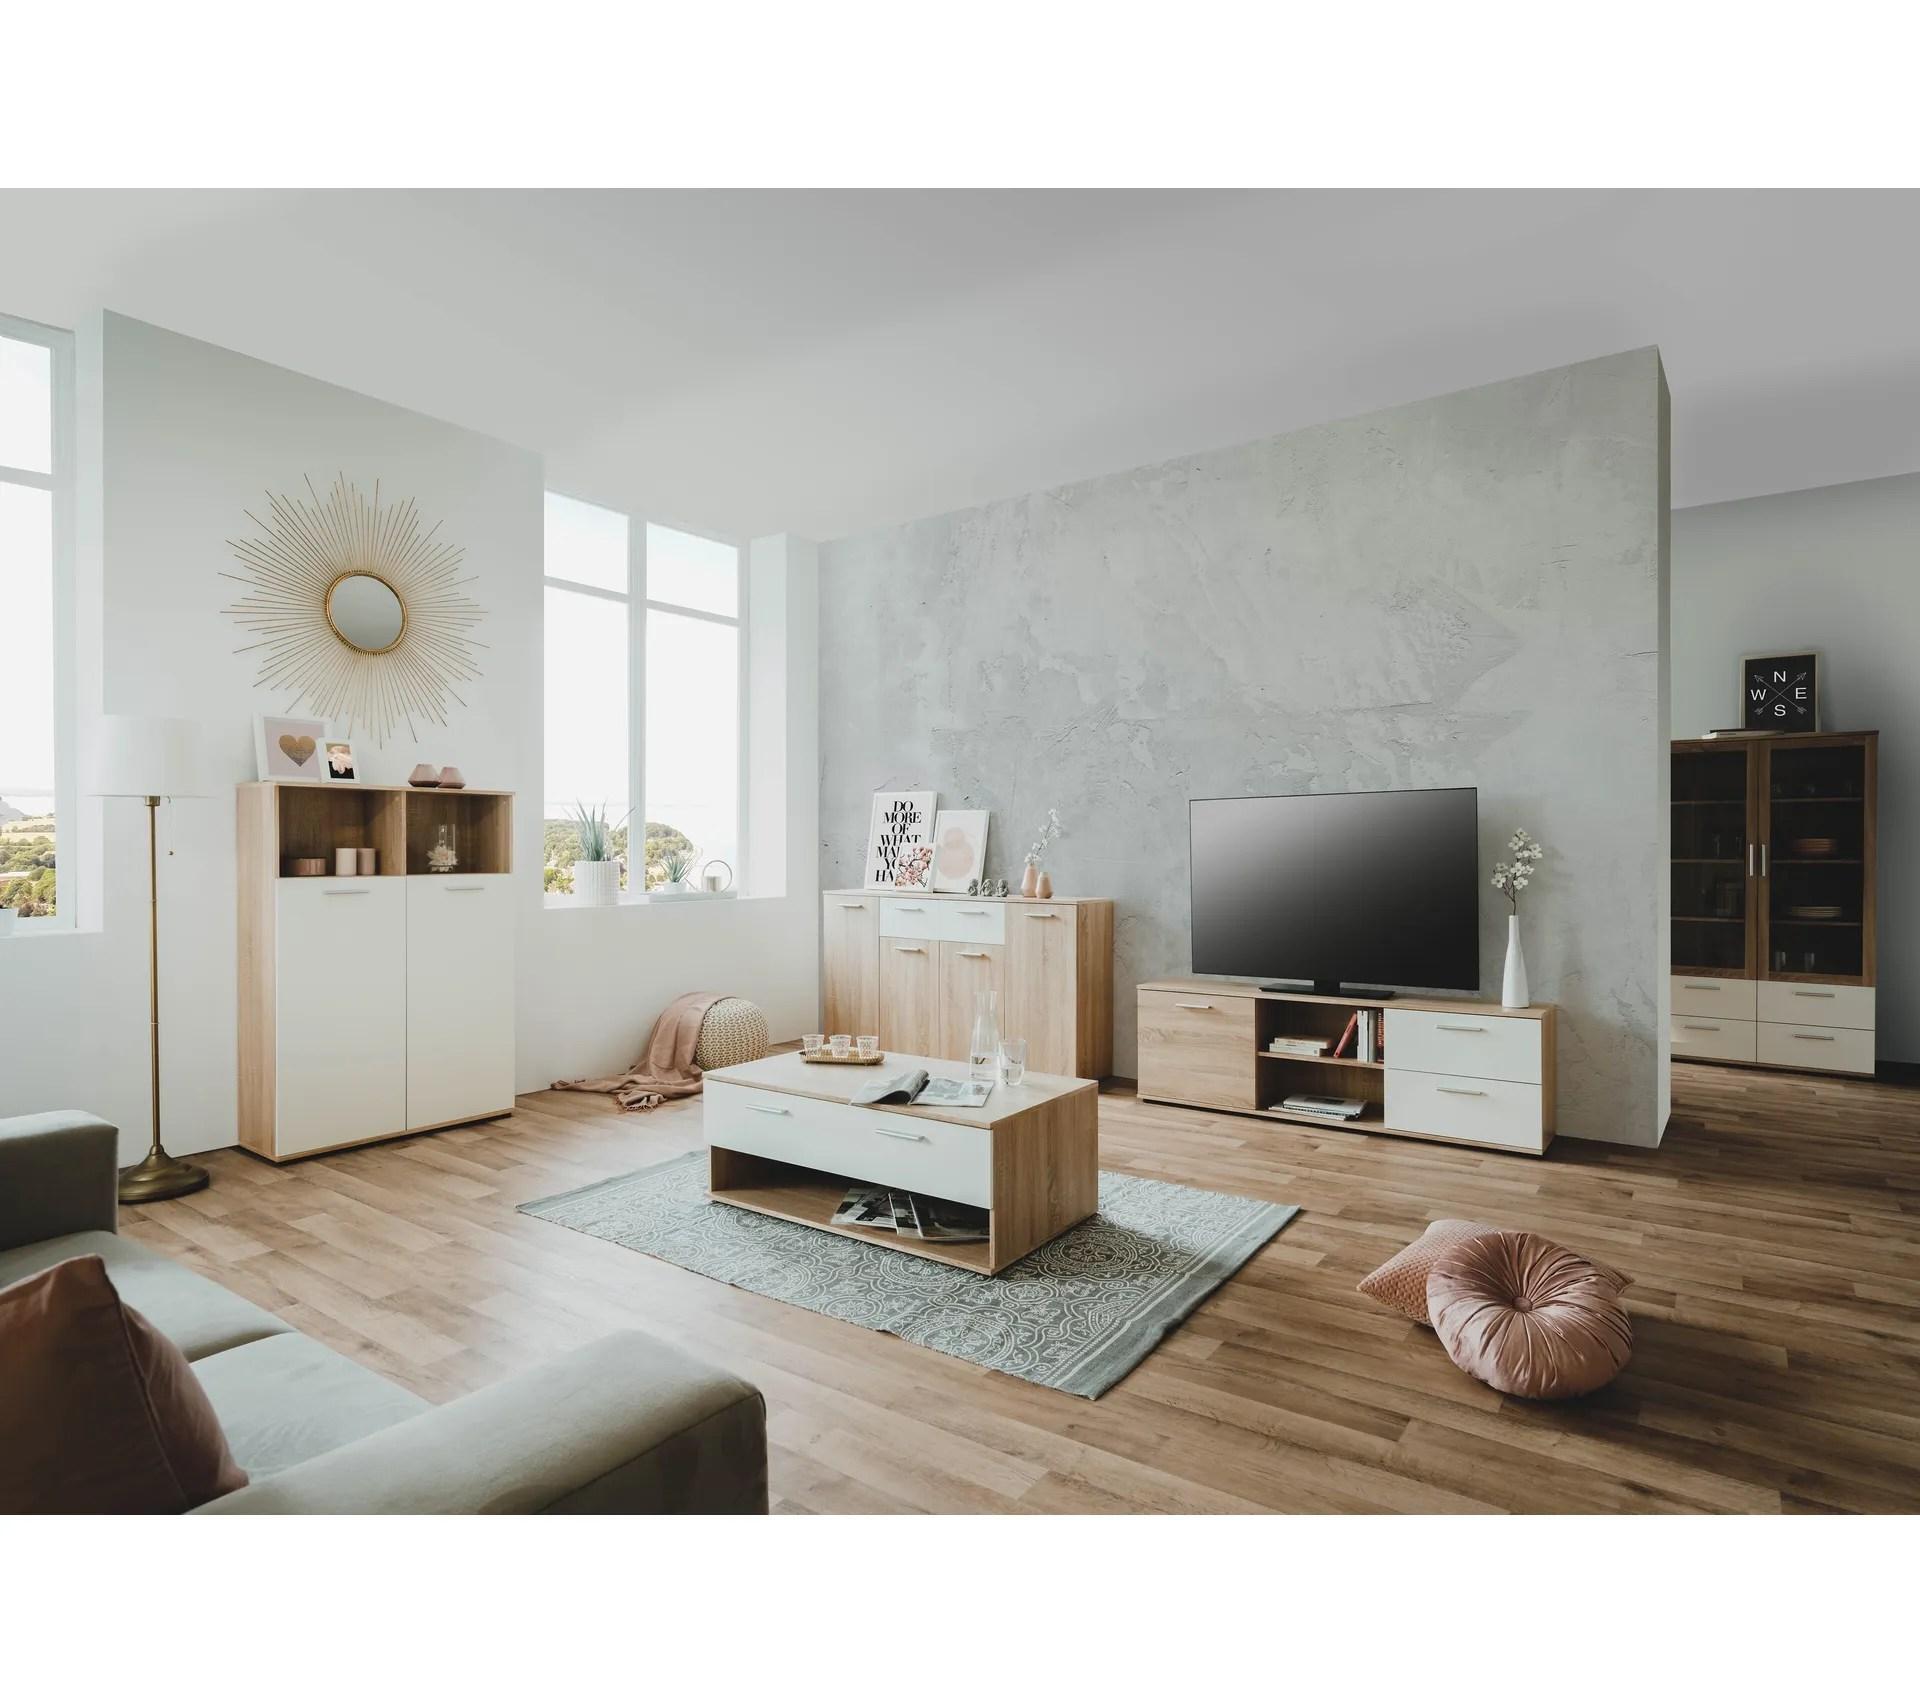 meuble tv l 160 toledo decor chene sonoma blanc